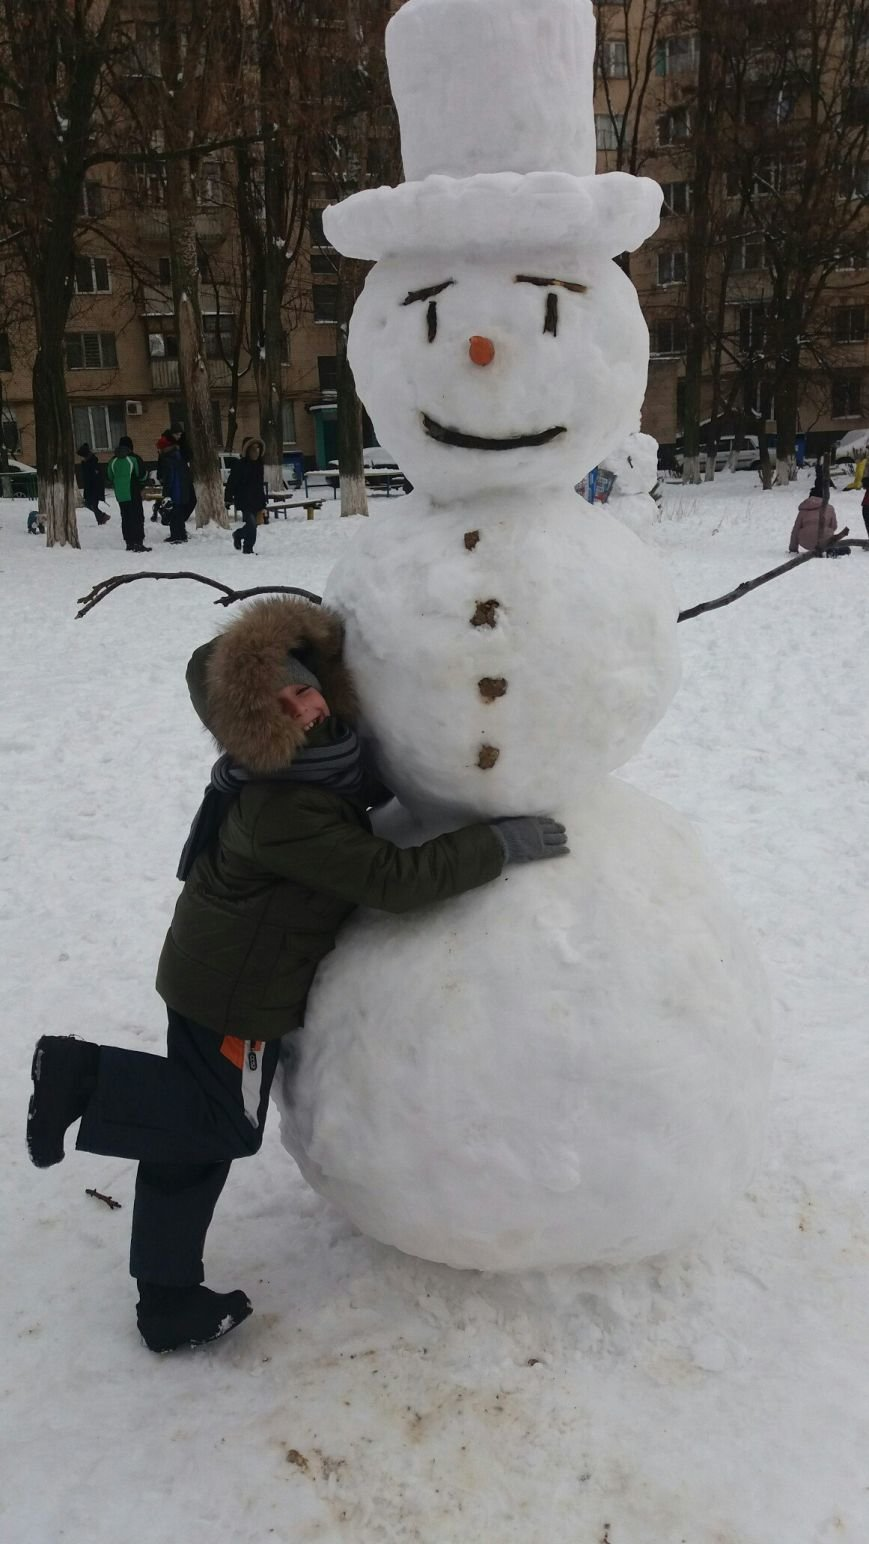 В Одессе из снега вылепили Дарта Вейдера, Крокодила Гену и настоящего мужика (ФОТО), фото-4